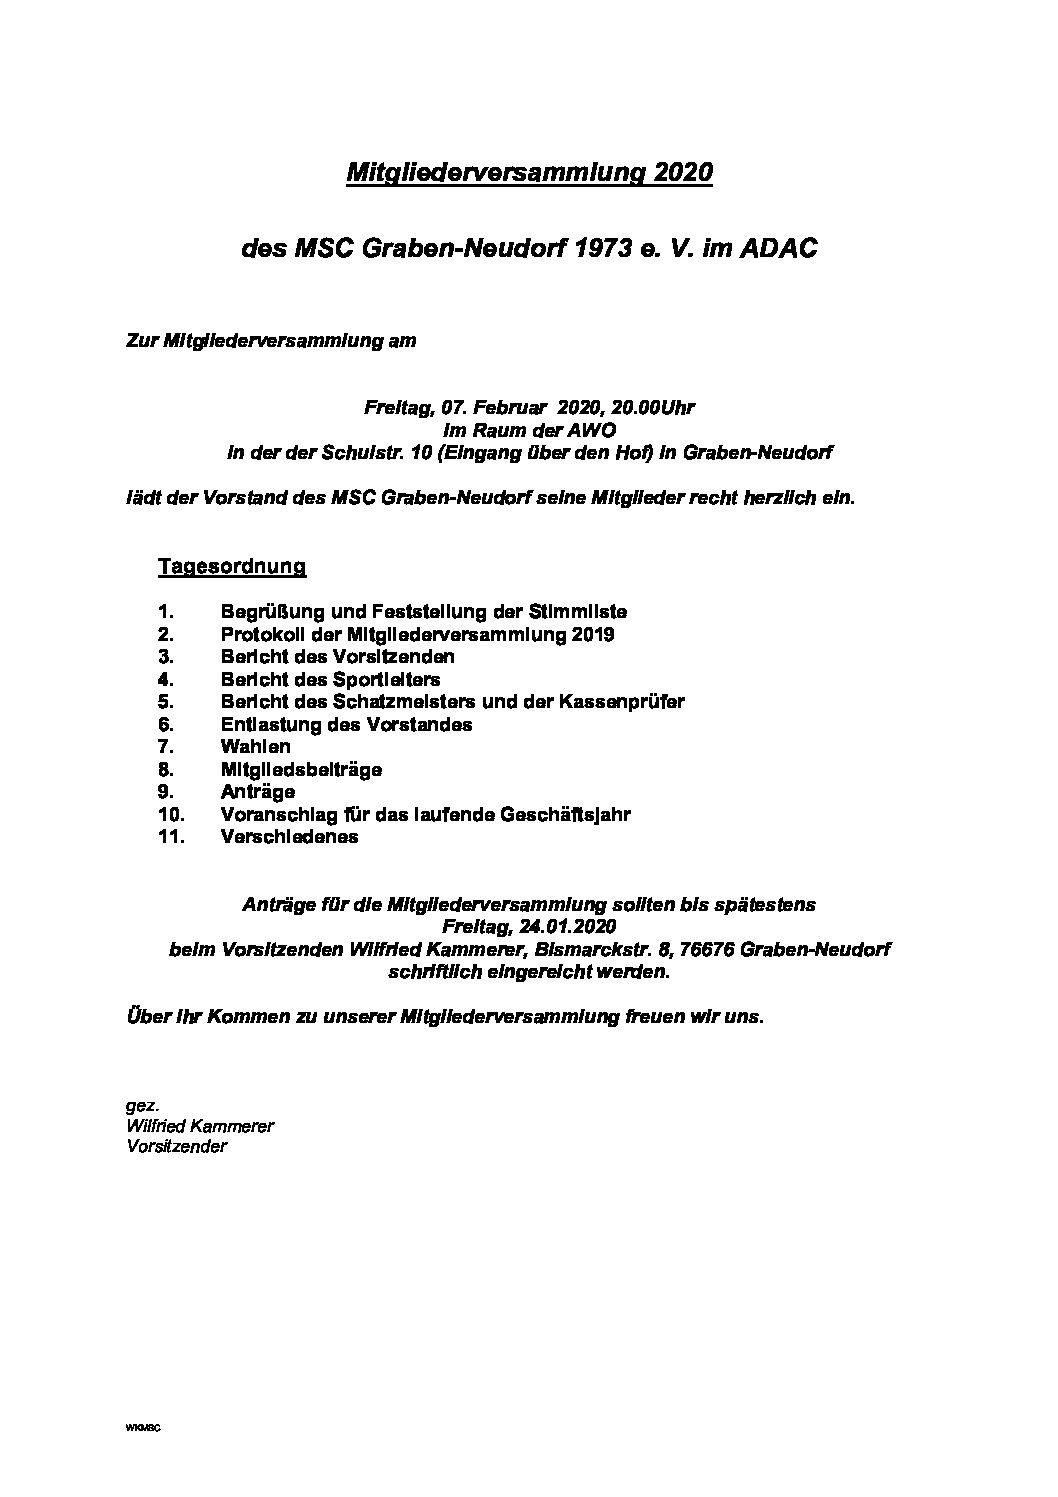 https://msc-graben-neudorf.de/wp-content/uploads/2020/01/Mitgliederversammlung-2020-pdf.jpg